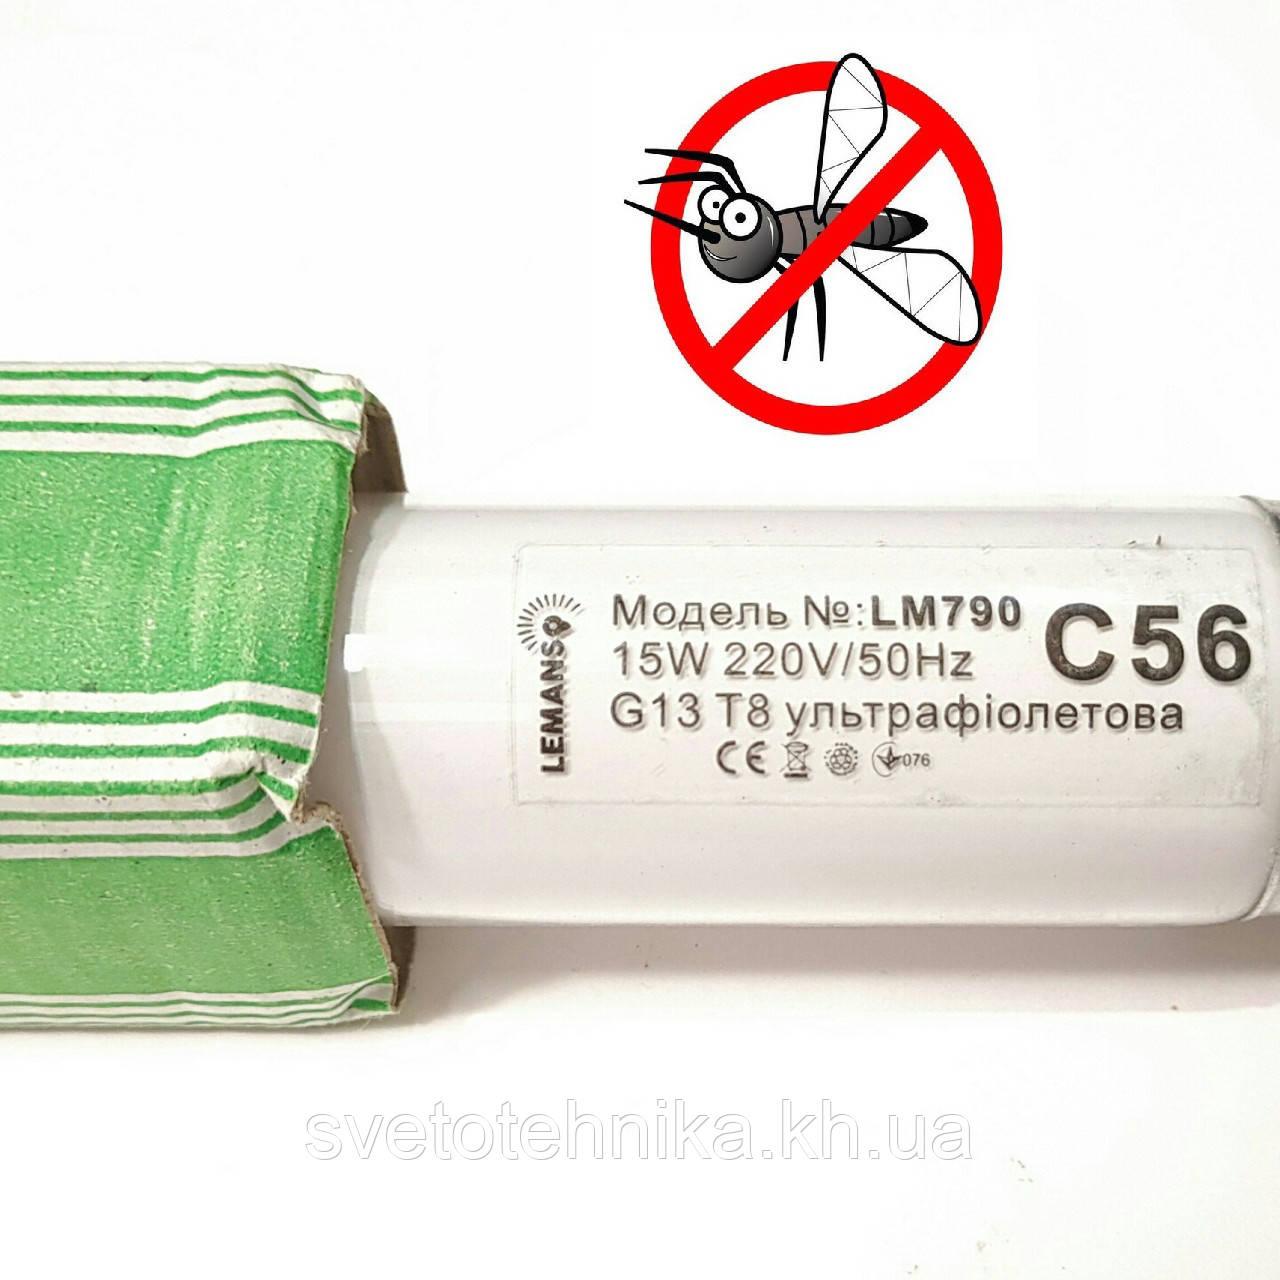 Люминесцентная лампа ультрафиолетовая insect Lemanso BL 350 G13 10W для уничтожителя комаров